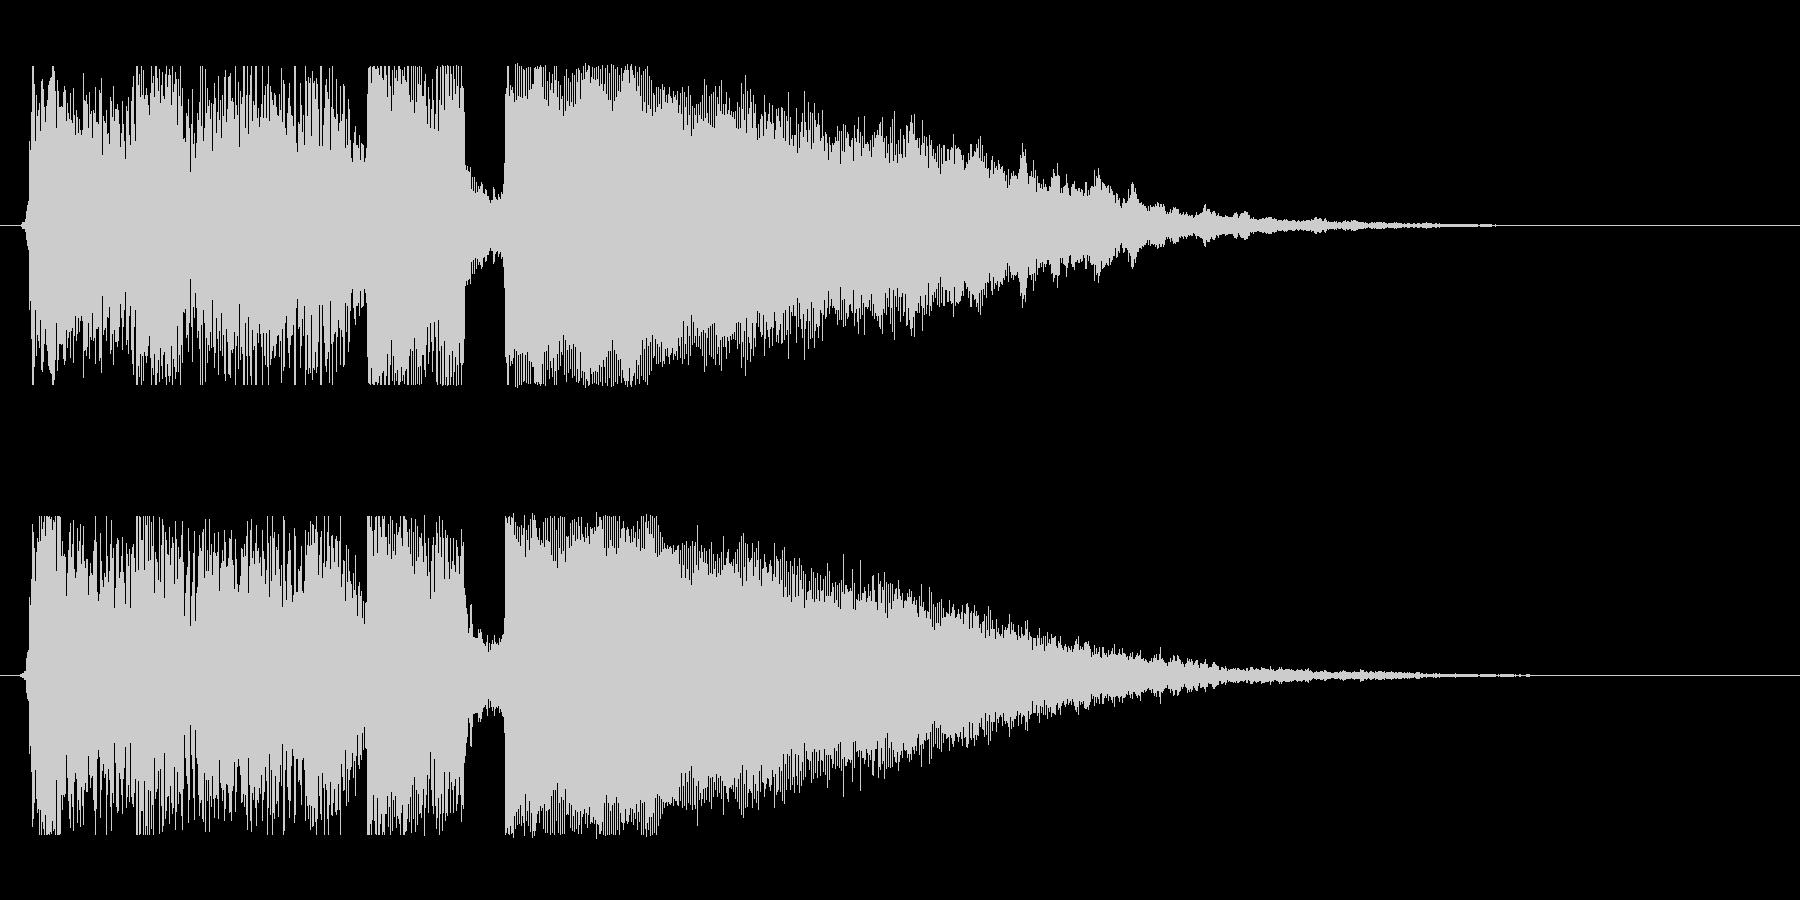 ギターアルペジオとシンセのジングルの未再生の波形